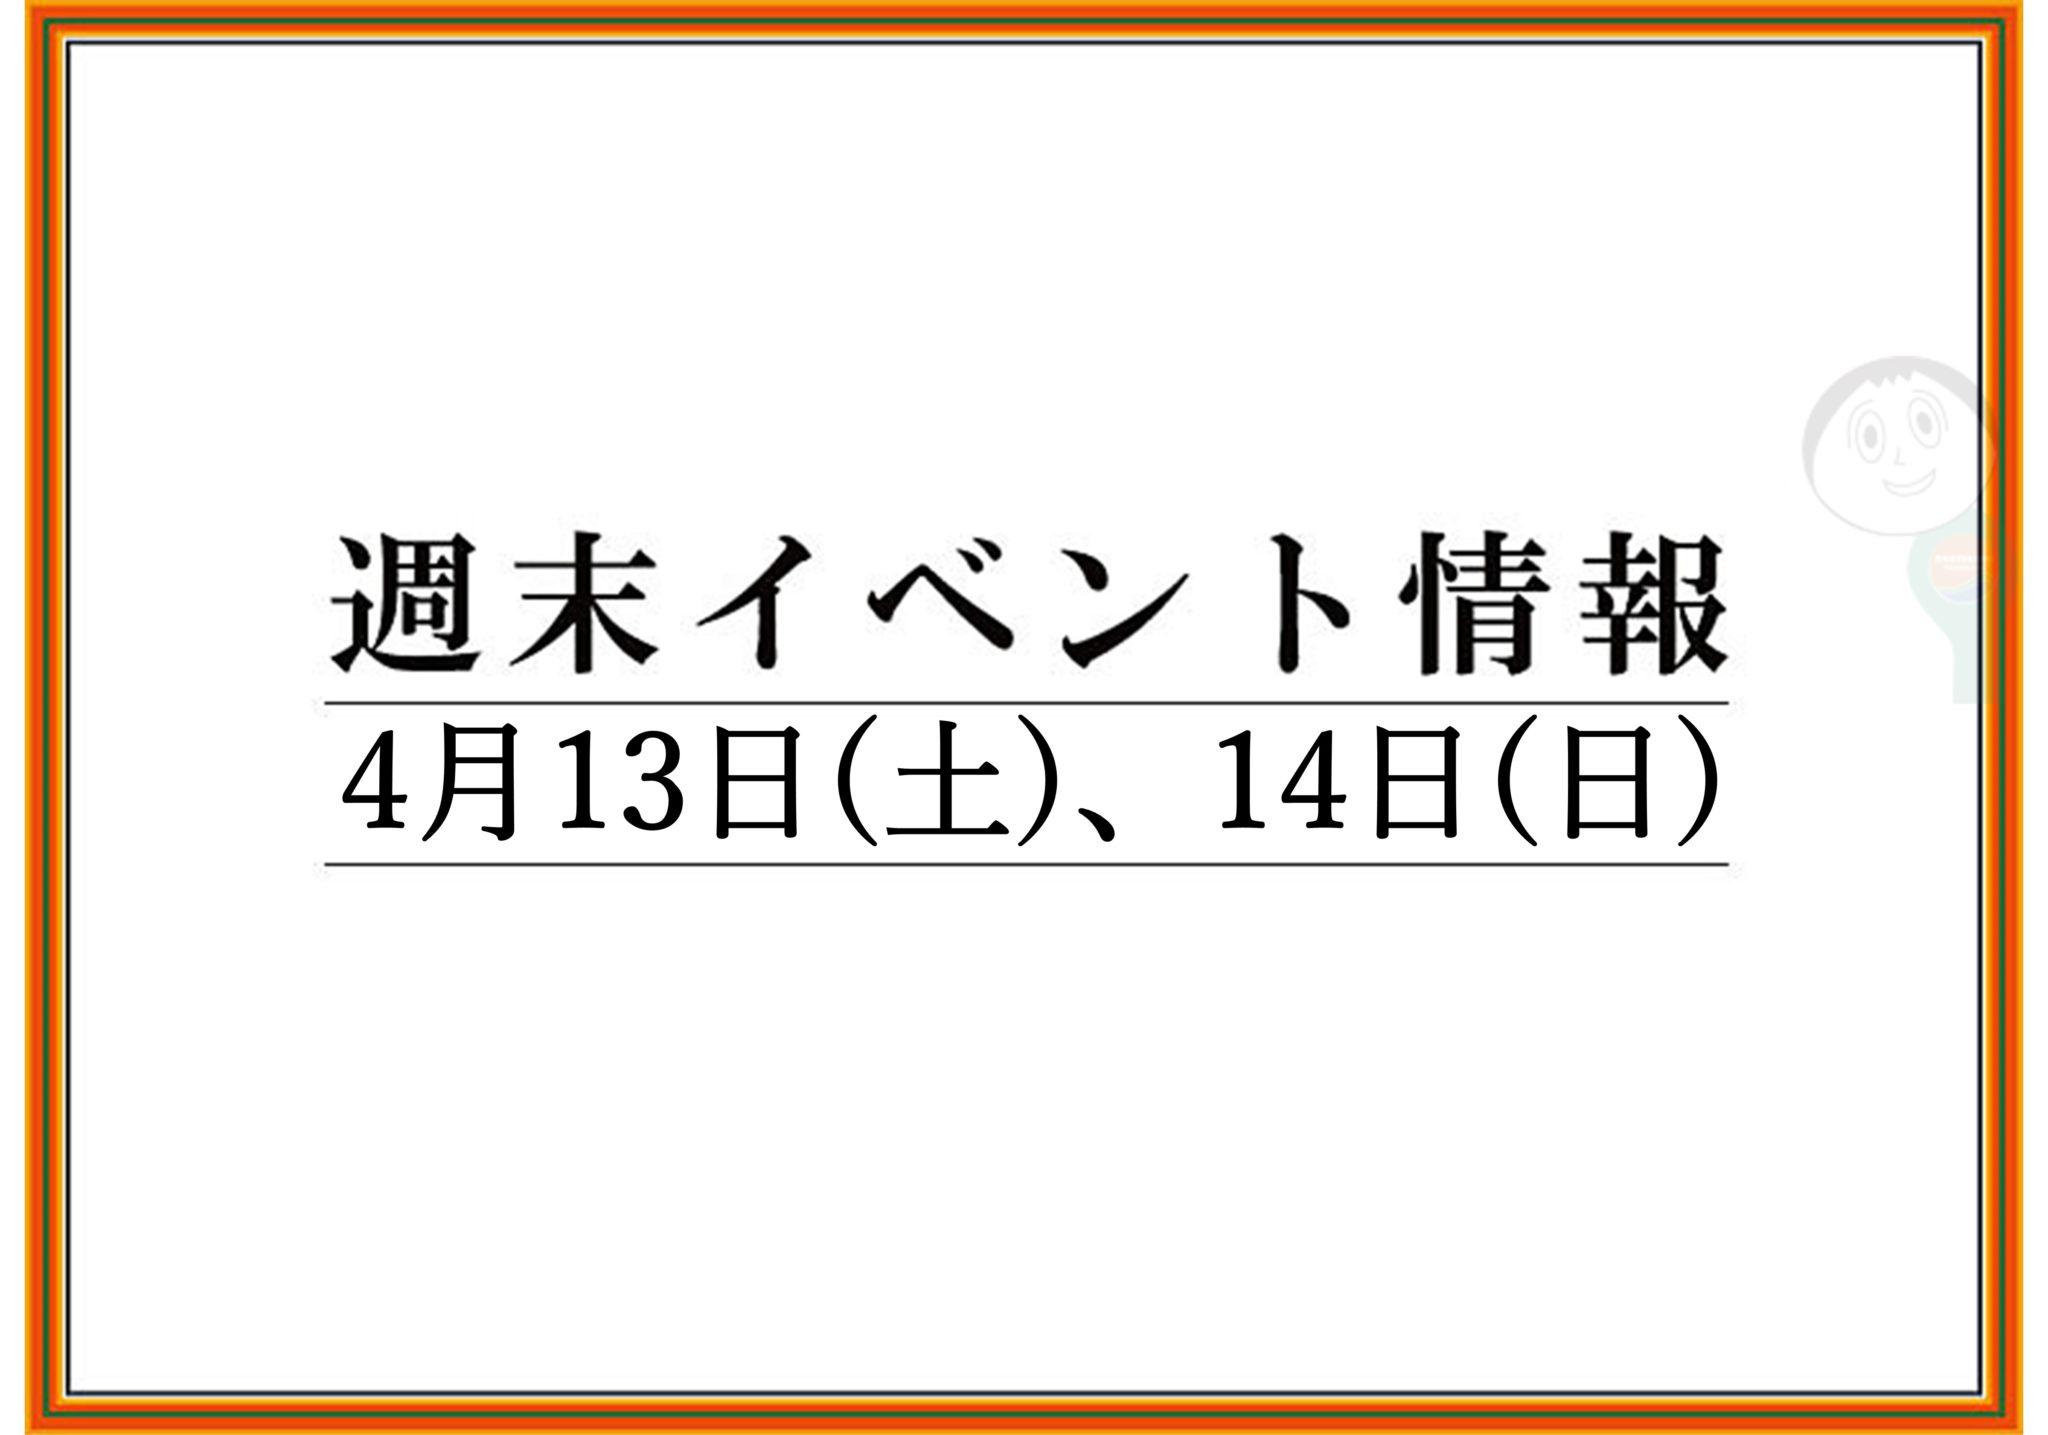 山形/上山/天童の週末イベント情報 4月13日(土),14日(日)